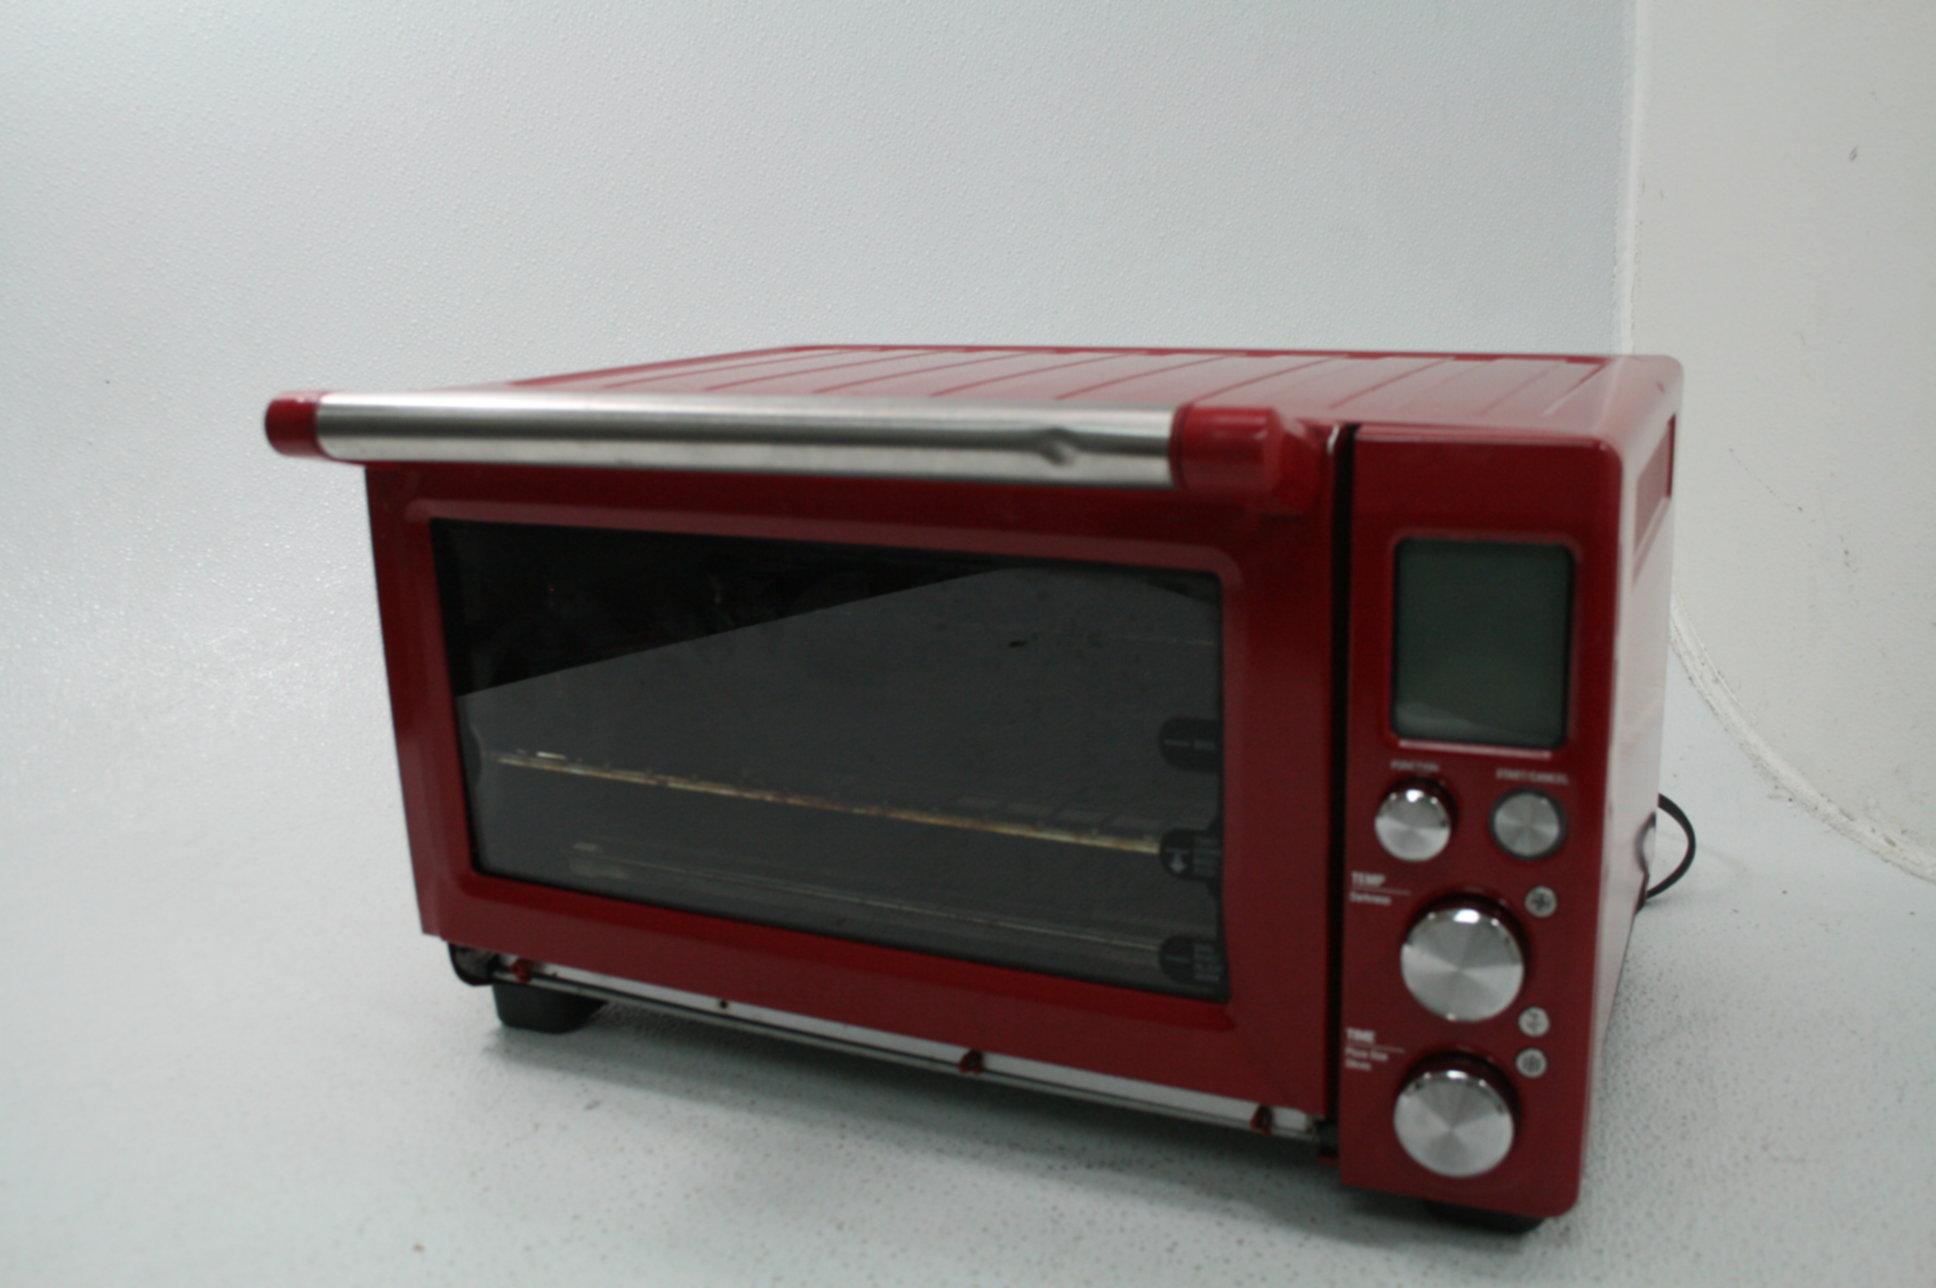 Breville Bov845crnusc Smart Oven Pro Countertop Convection